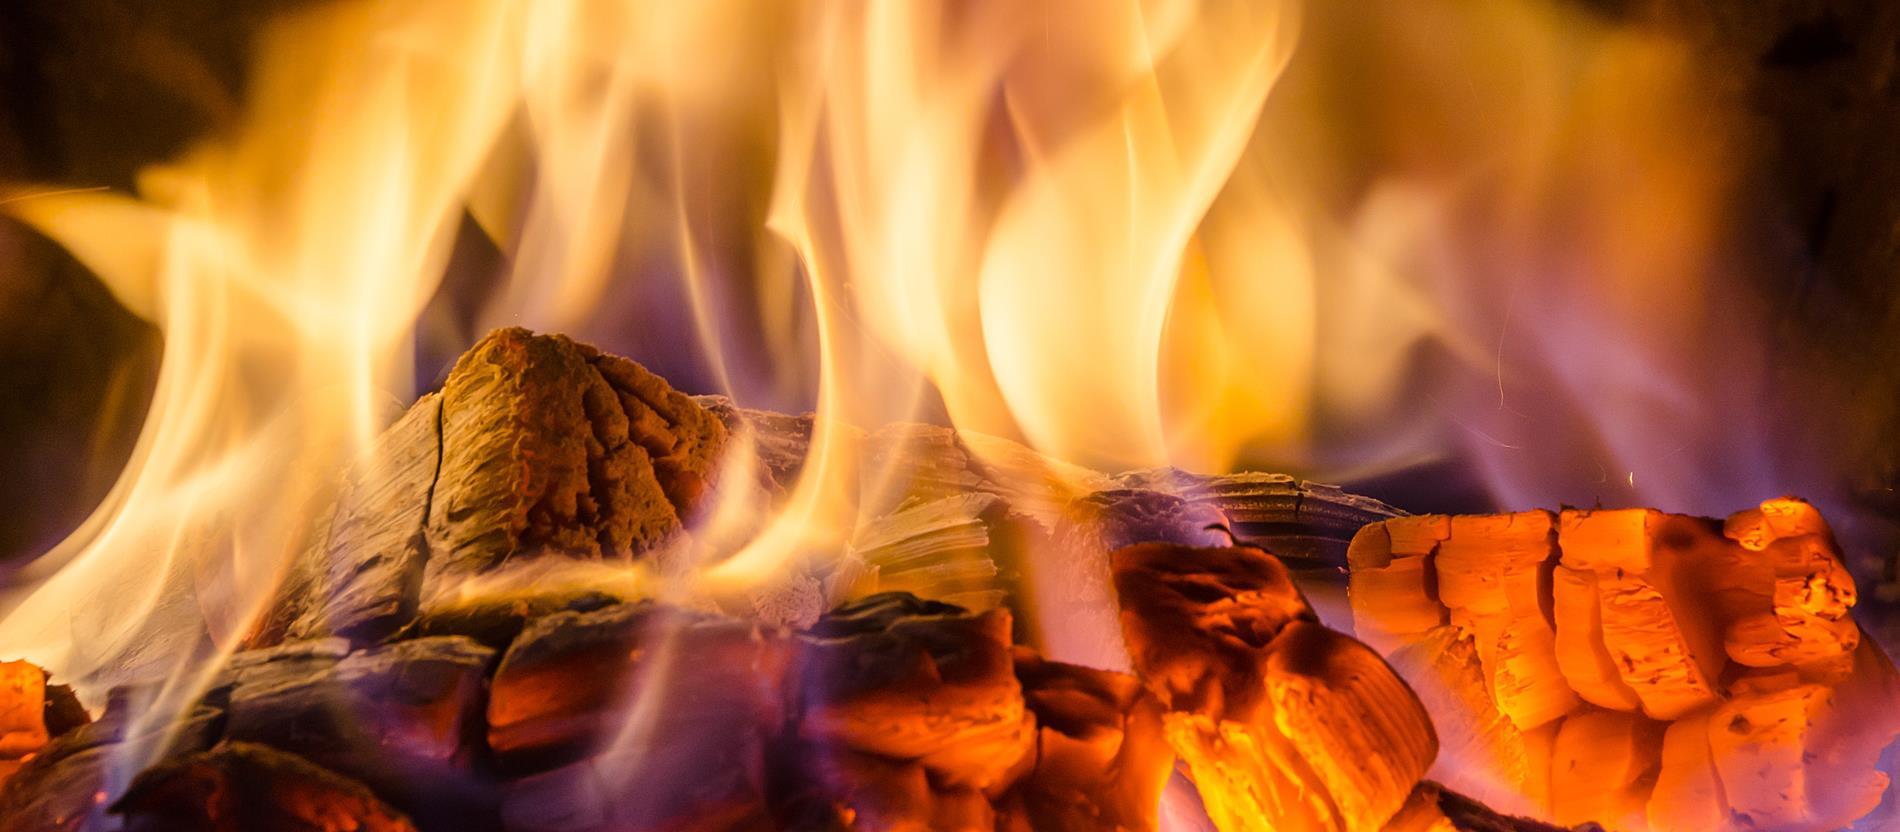 kopf brennt wie feuer